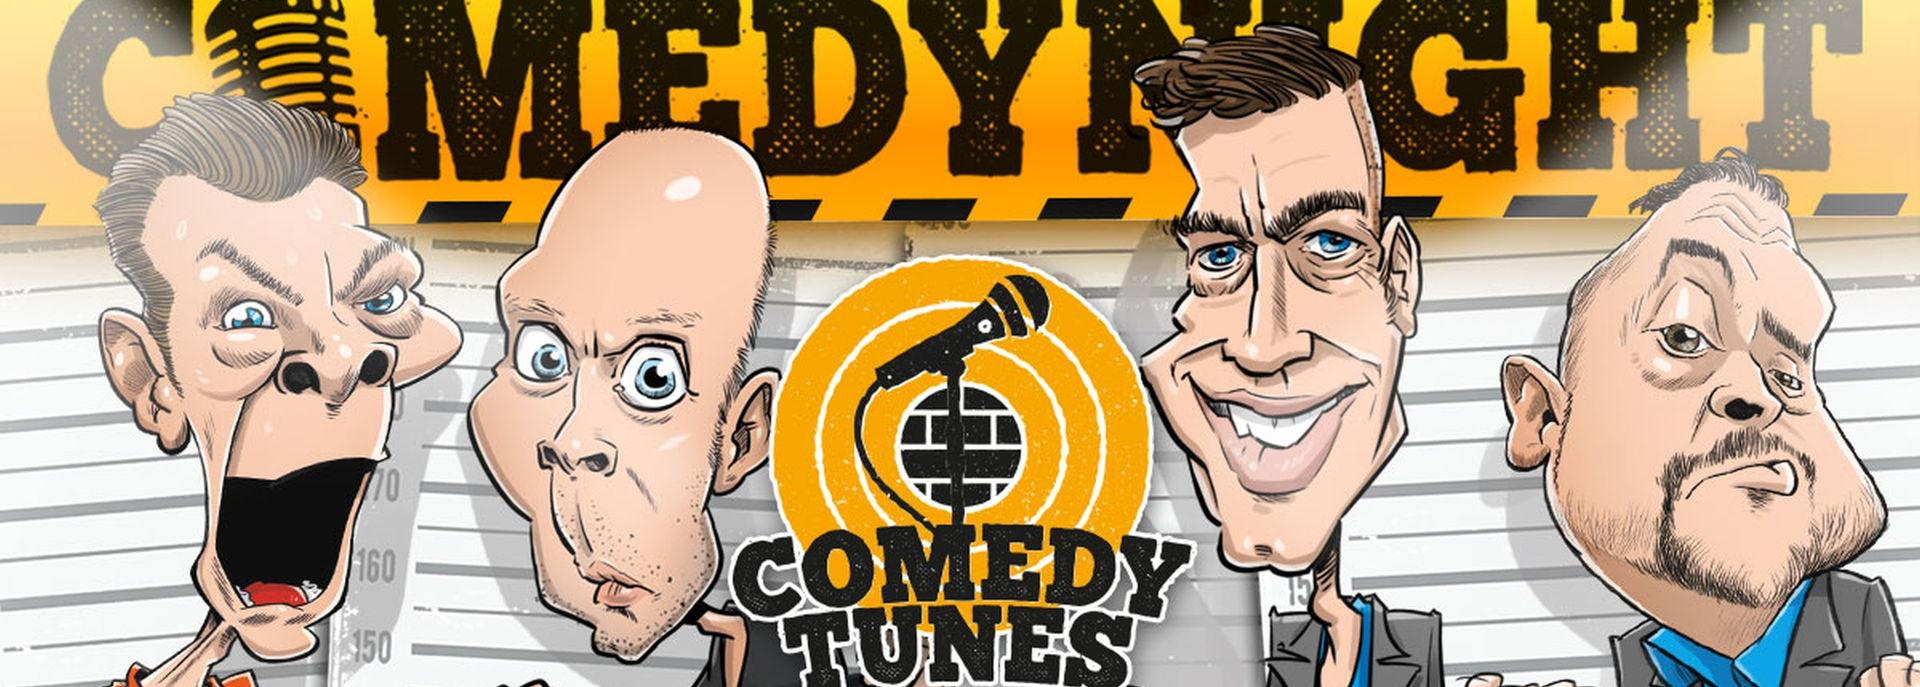 Op deze Comedytunes Comedynight vertellen drie comedians in hoog tempo de meest absurde en hilarische verhalen. MC Arie Koomen praat het geheel aan elkaar. Je merkt het al snel: je ontspant, lacht en voelt je stresshormonen verdwijnen. De maffe verhalen van de comedians zorgen voor de aanmaak van endorfine en gelukshormonen. Na een avondje Comedytunes Comedynights sta je daarom weer buiten met een fris en energiek gevoel. Waar wacht je nog op?! Vincent Geers, Ronald Smink en Patrick Meijer staan al te trappelen!